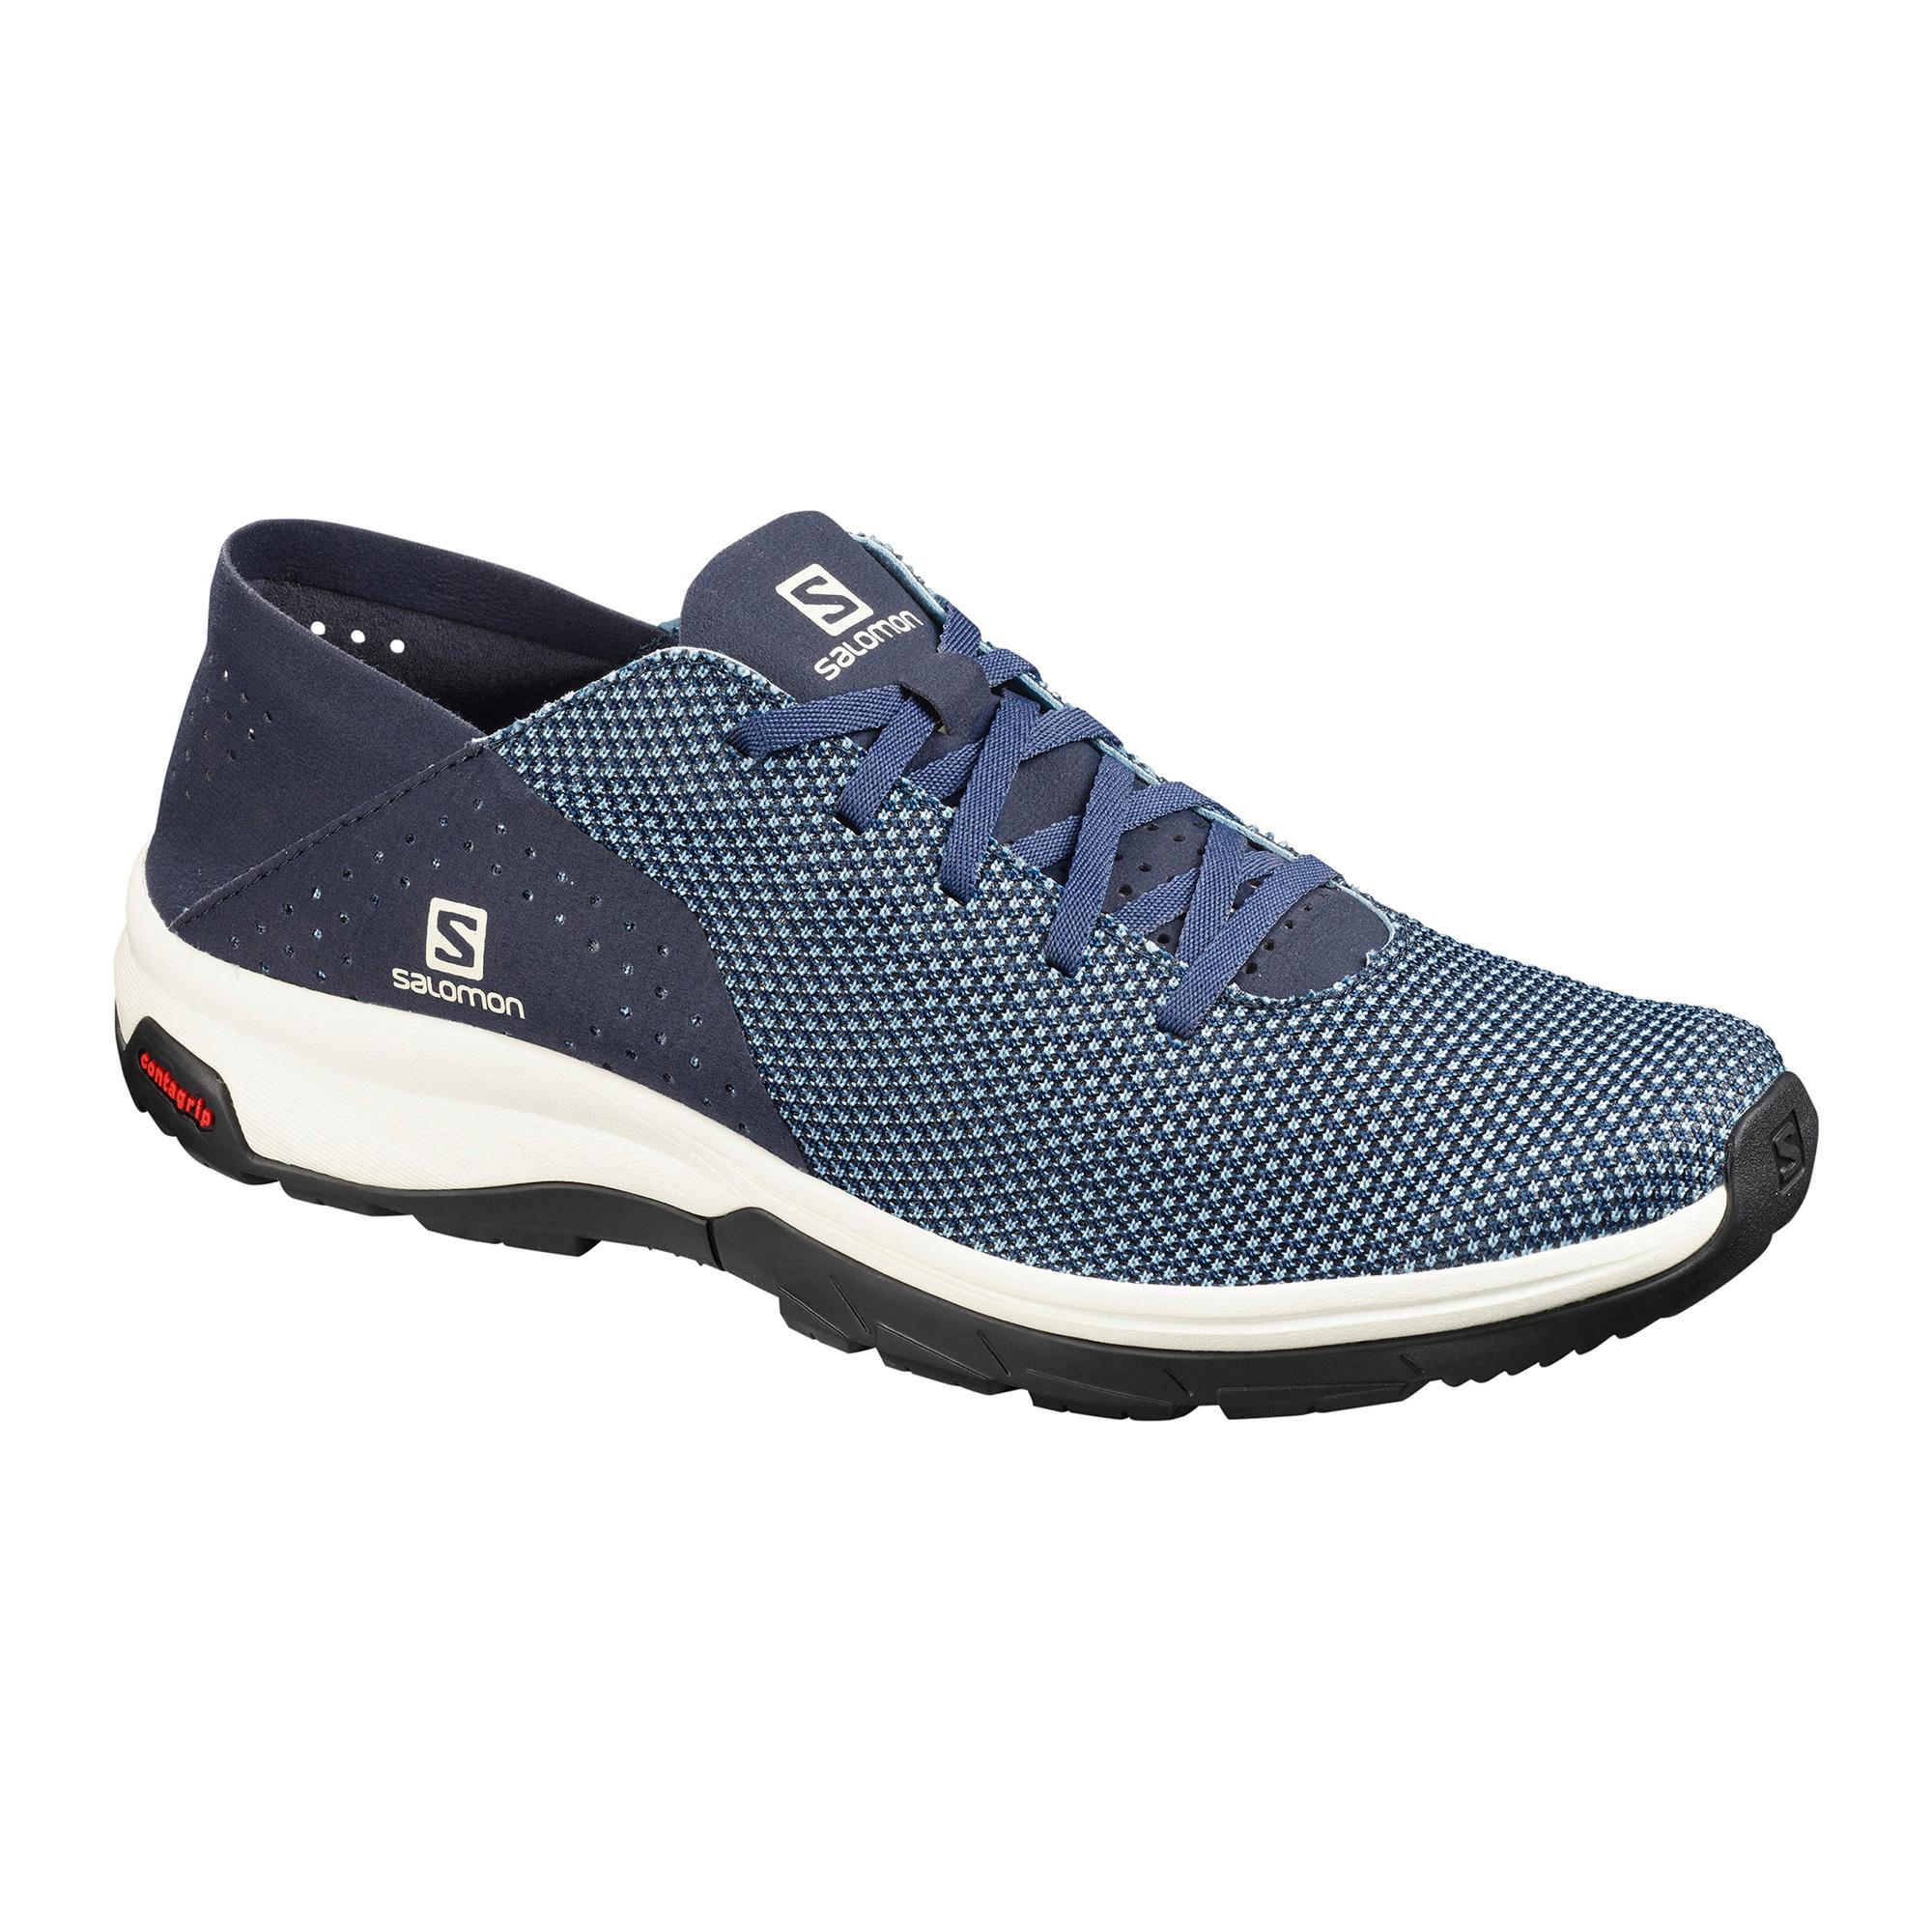 Salomon Tech Lite Watersports Shoes - Mens | Men's Paddle Footwear |  CampSaver.com